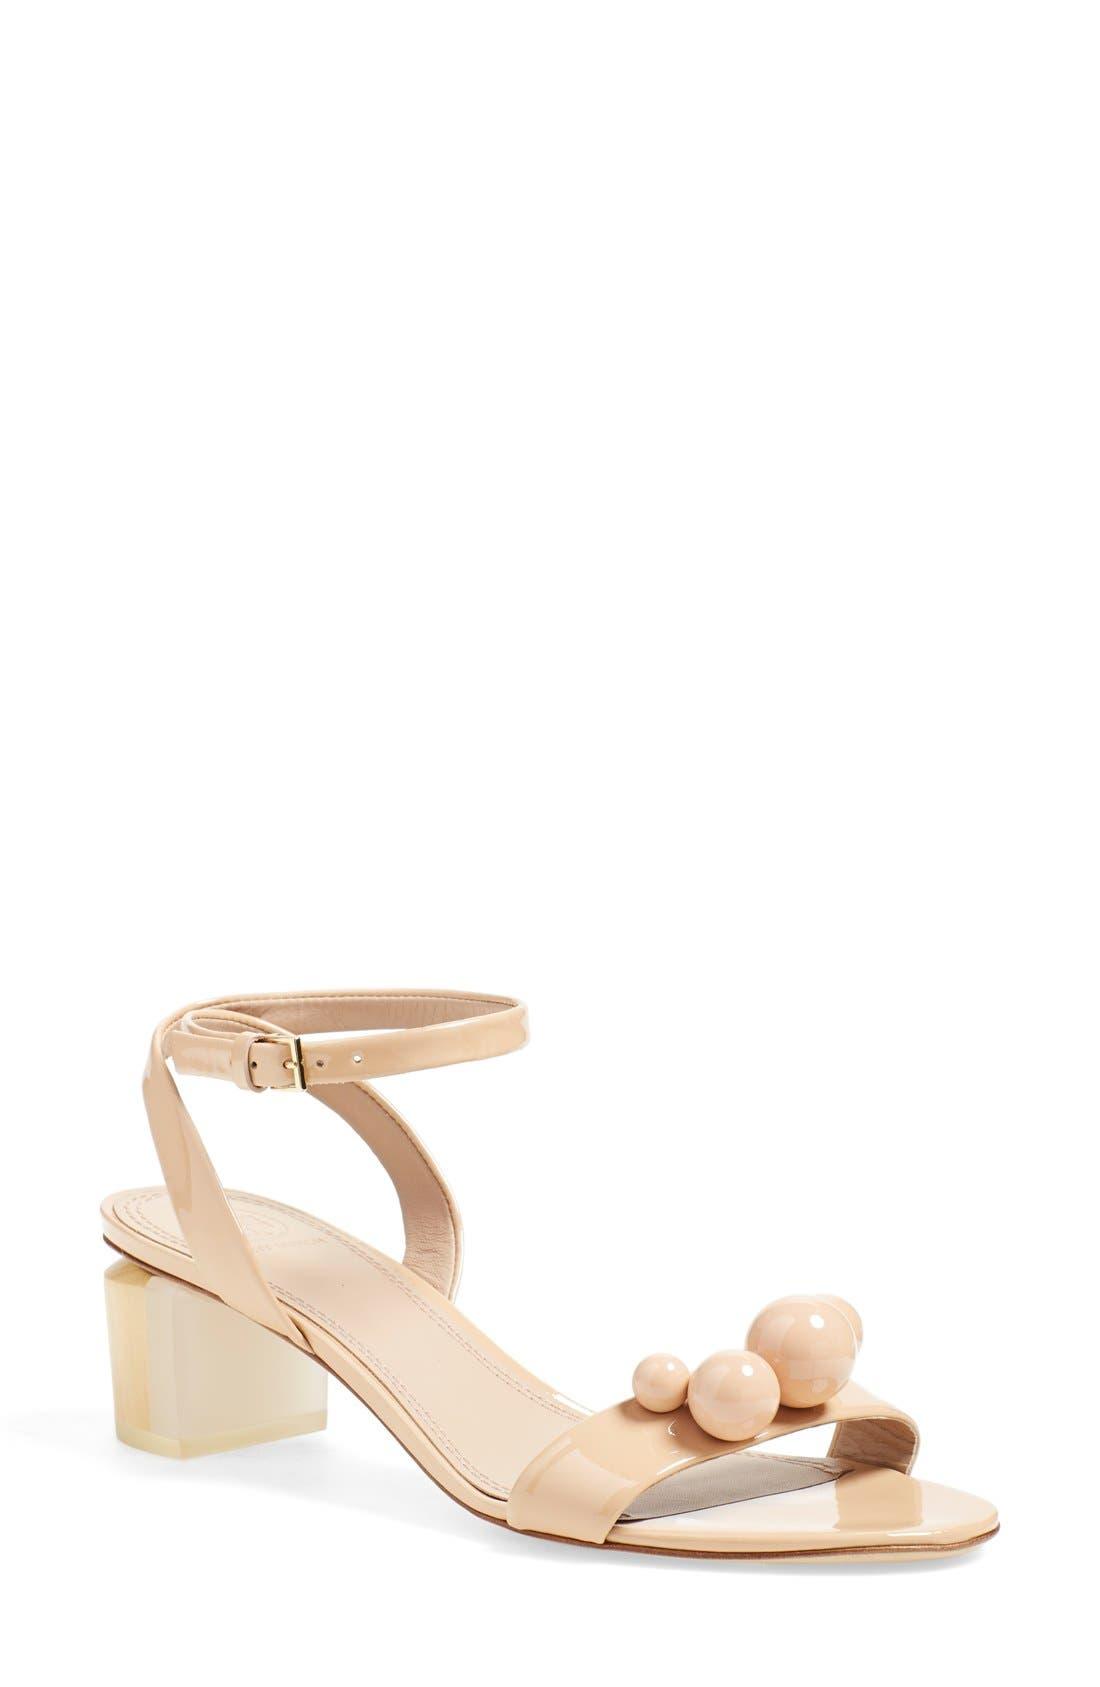 Main Image - Tory Burch 'Disco' Sandal (Women)